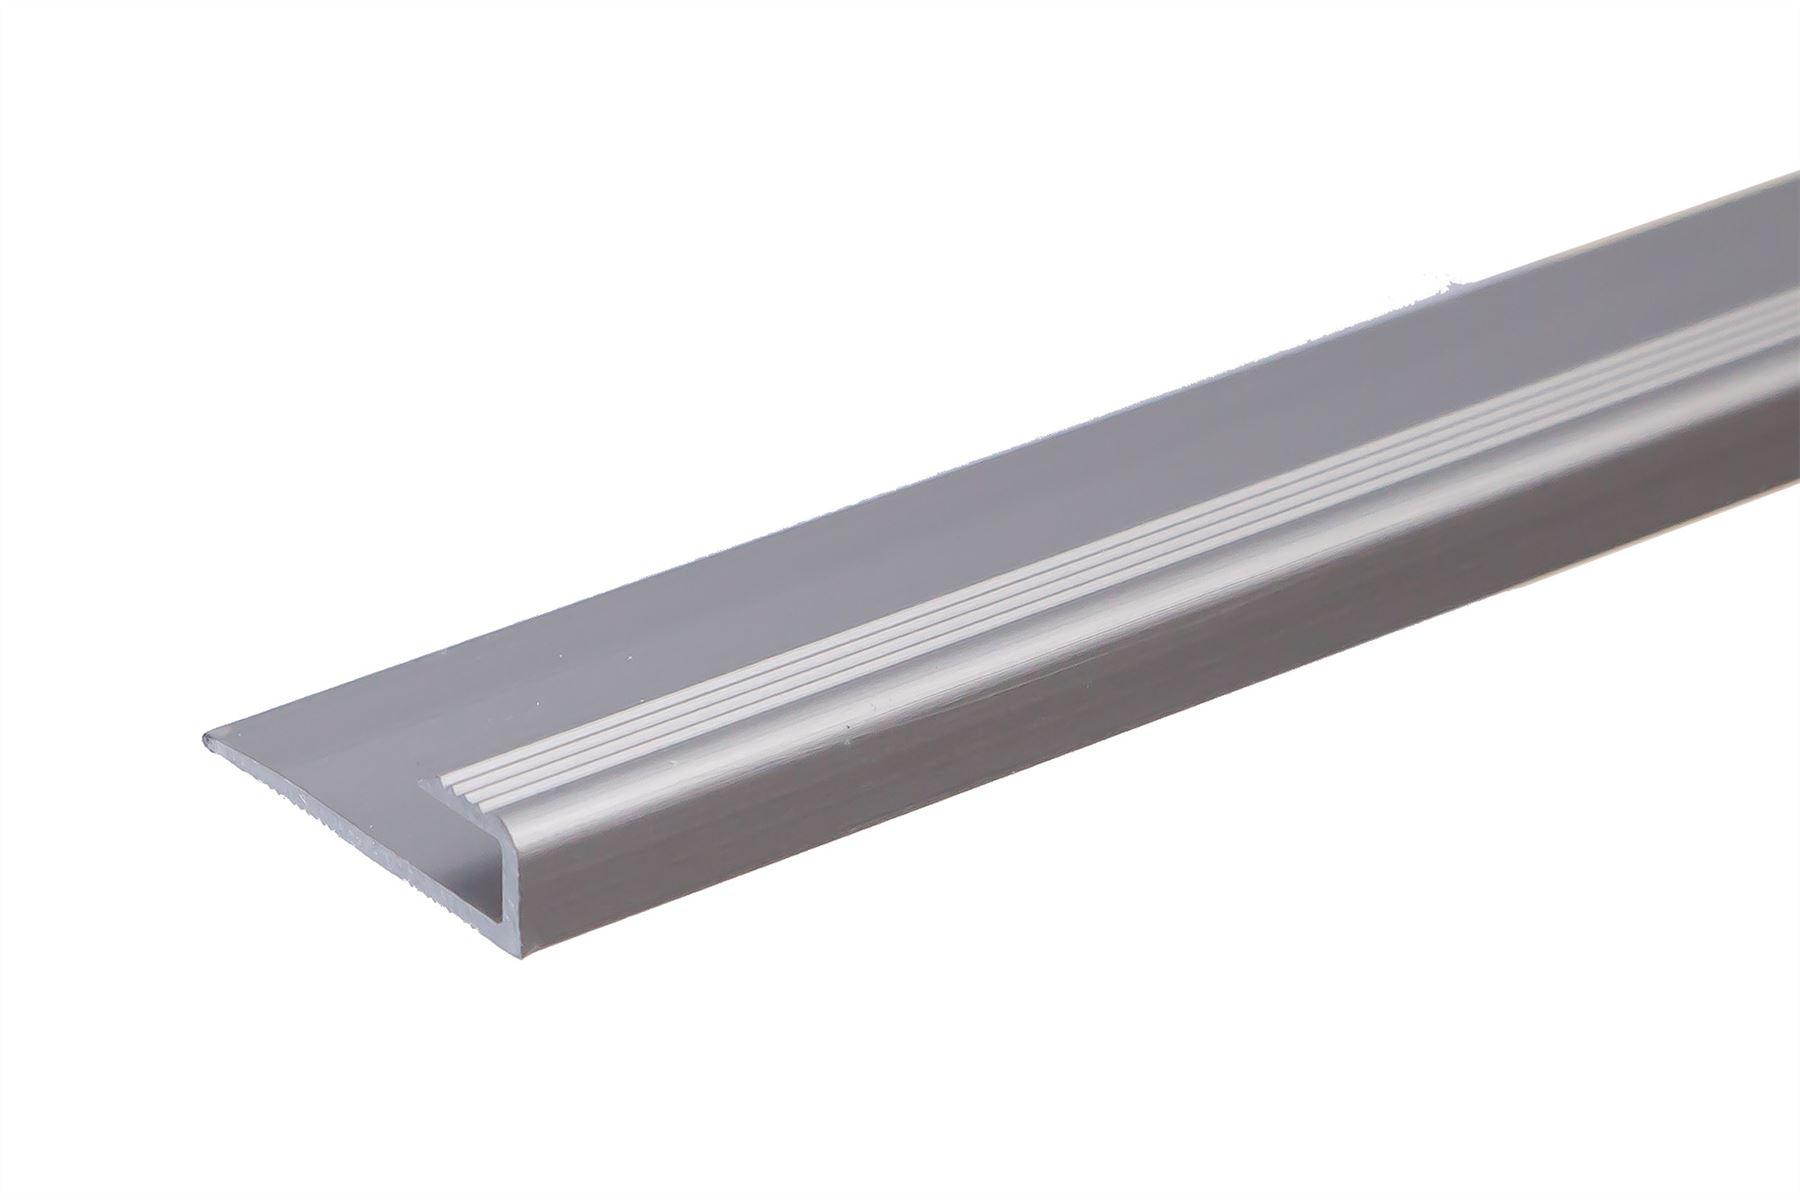 Anodised Aluminium Carpet Edge Ending Cover Strip Floor